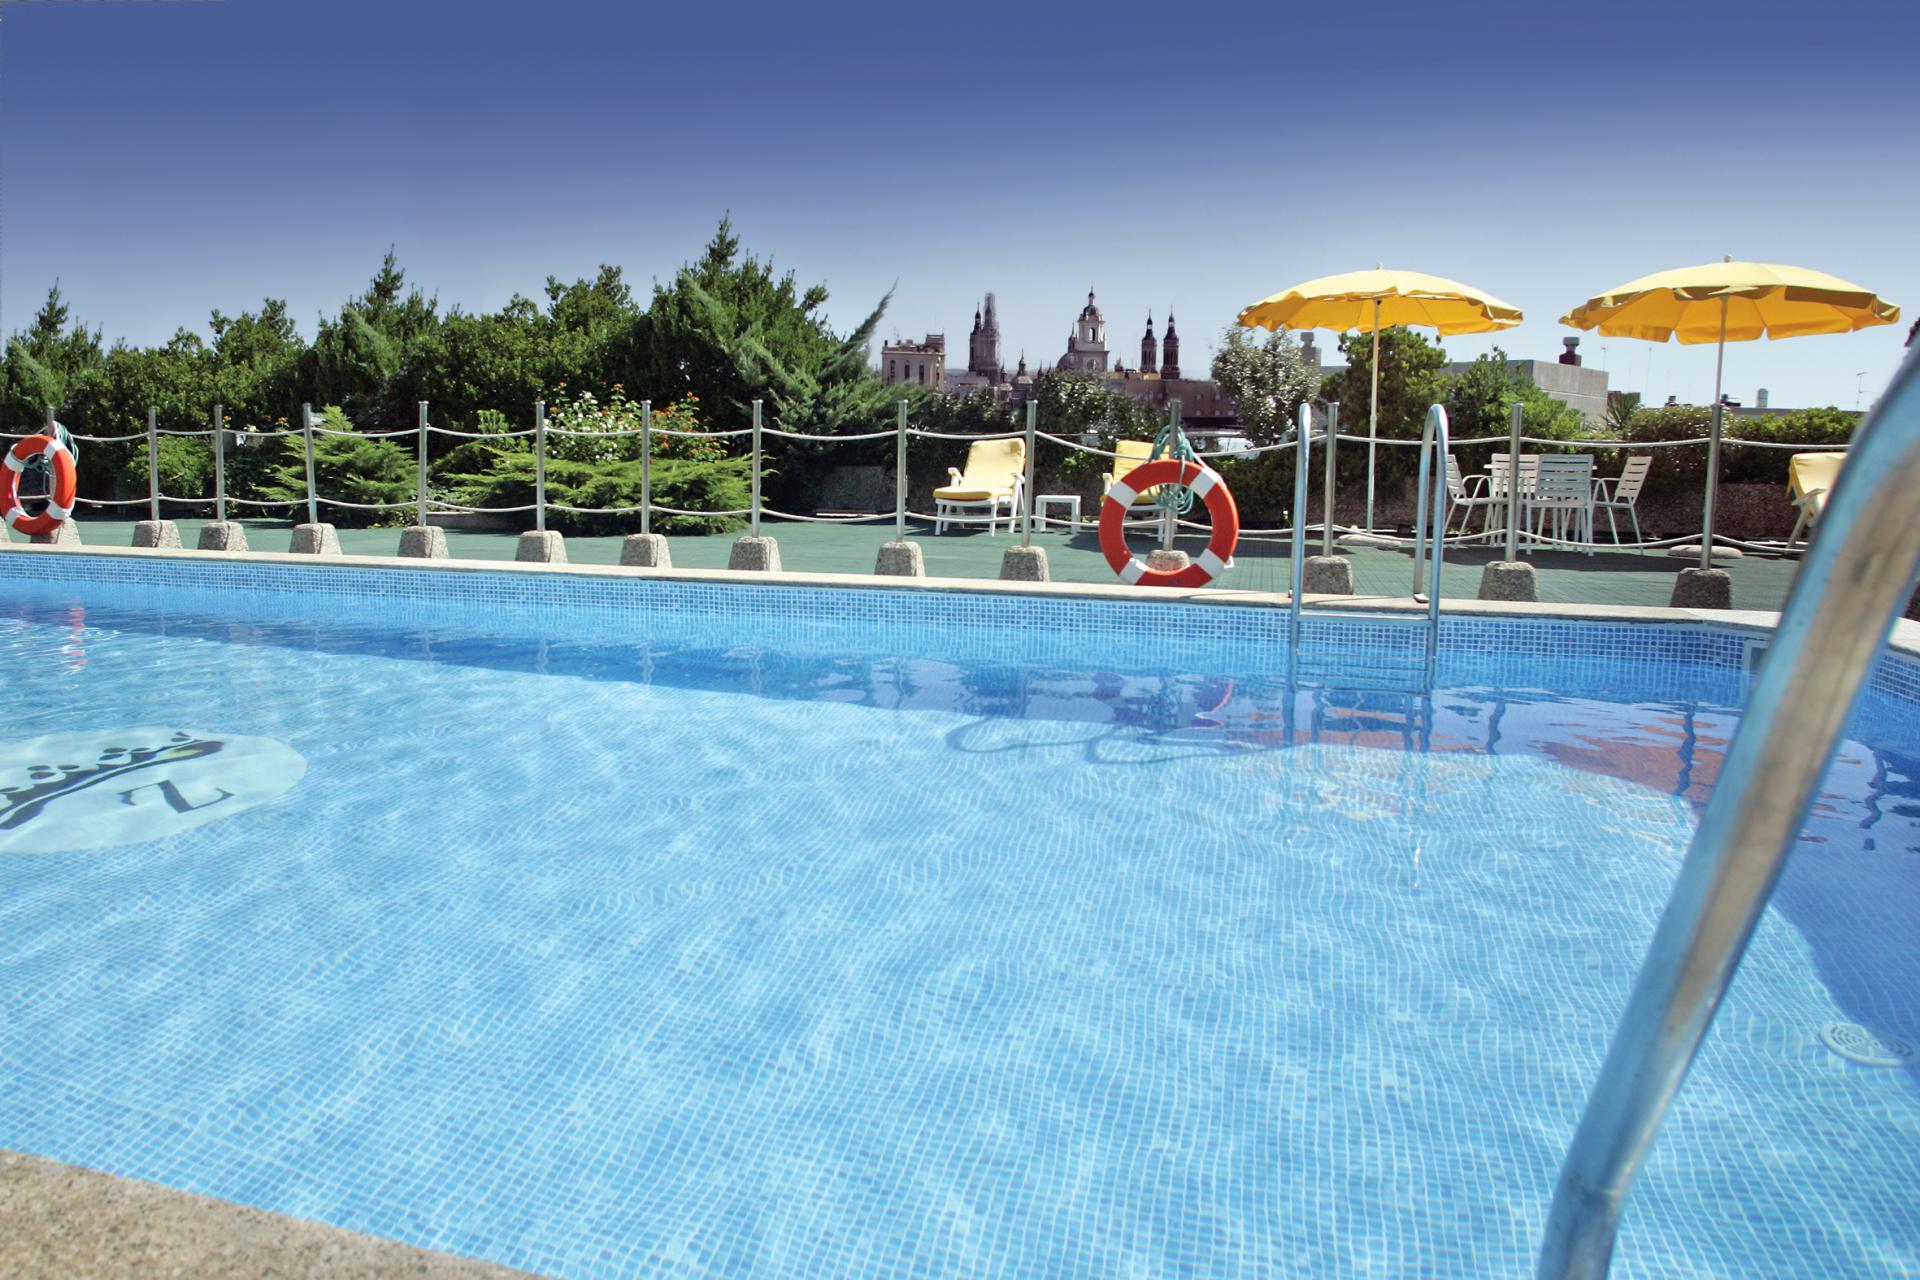 piscina y gimnasio palafox hoteles